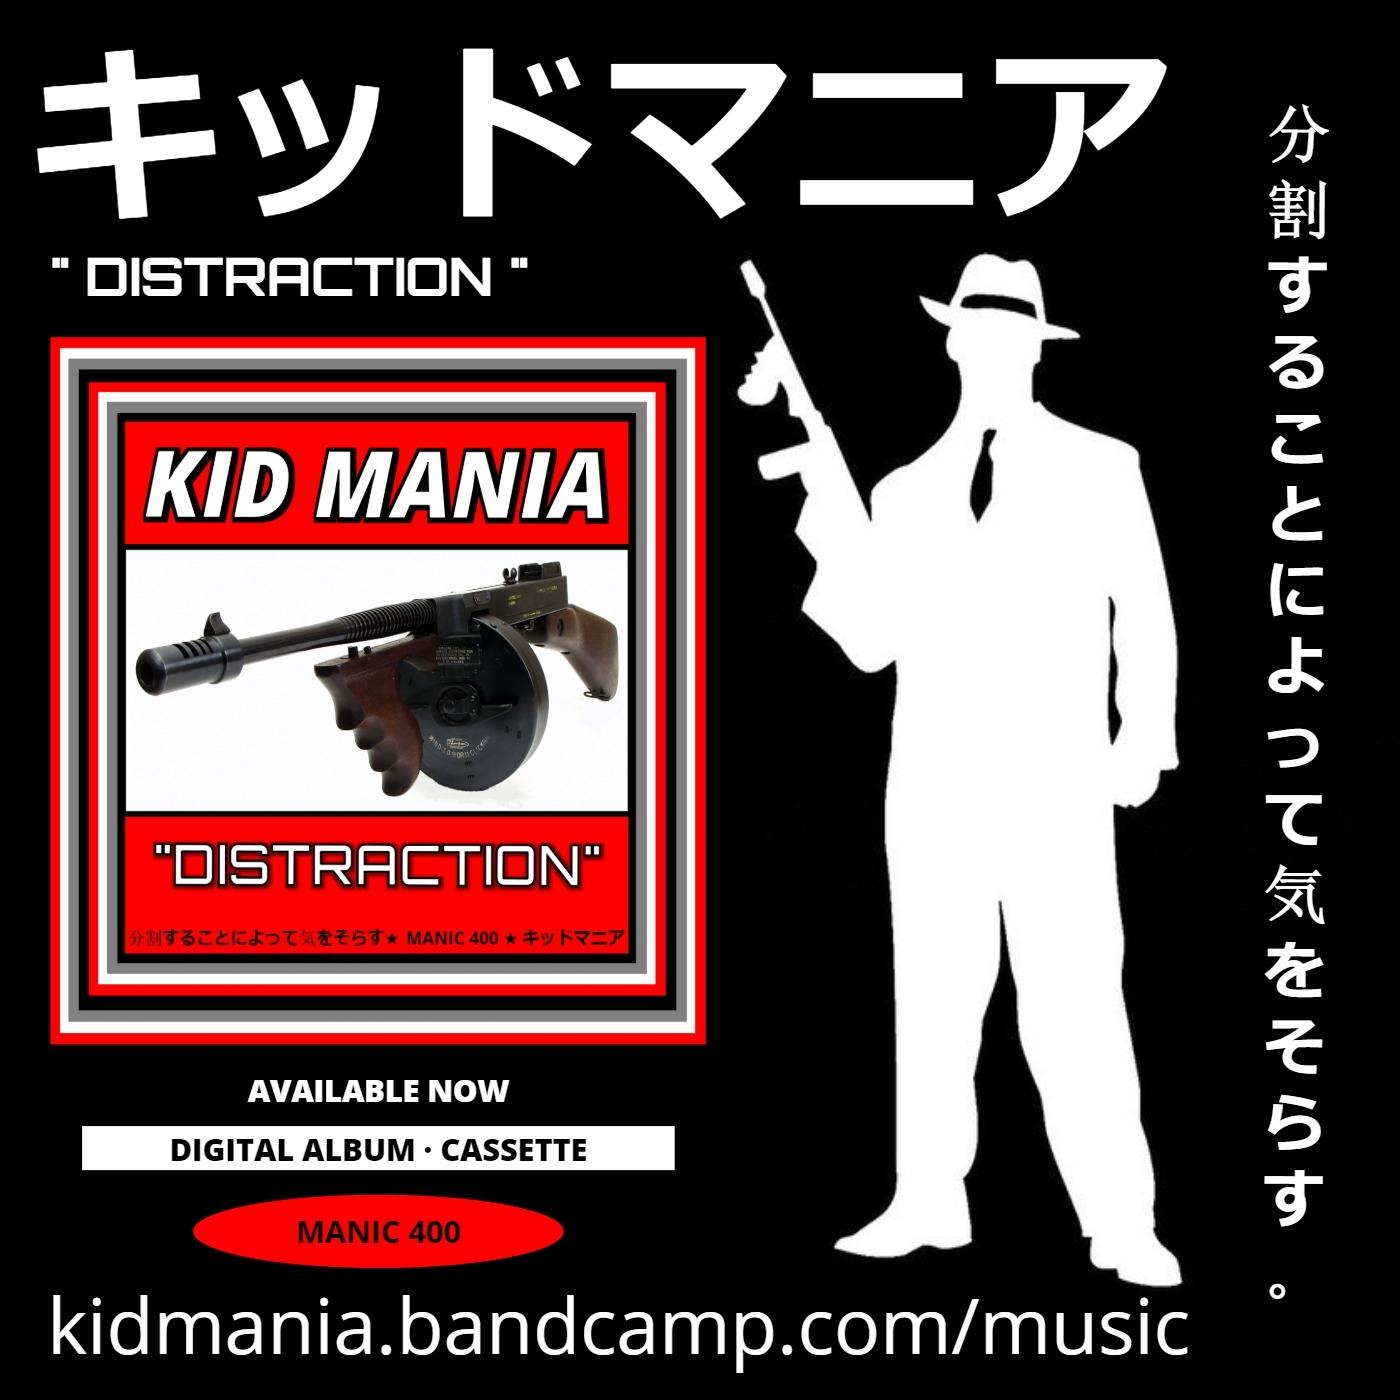 ★ KID MANIA DISTRACTION PLAY LO - cold6001 | ello